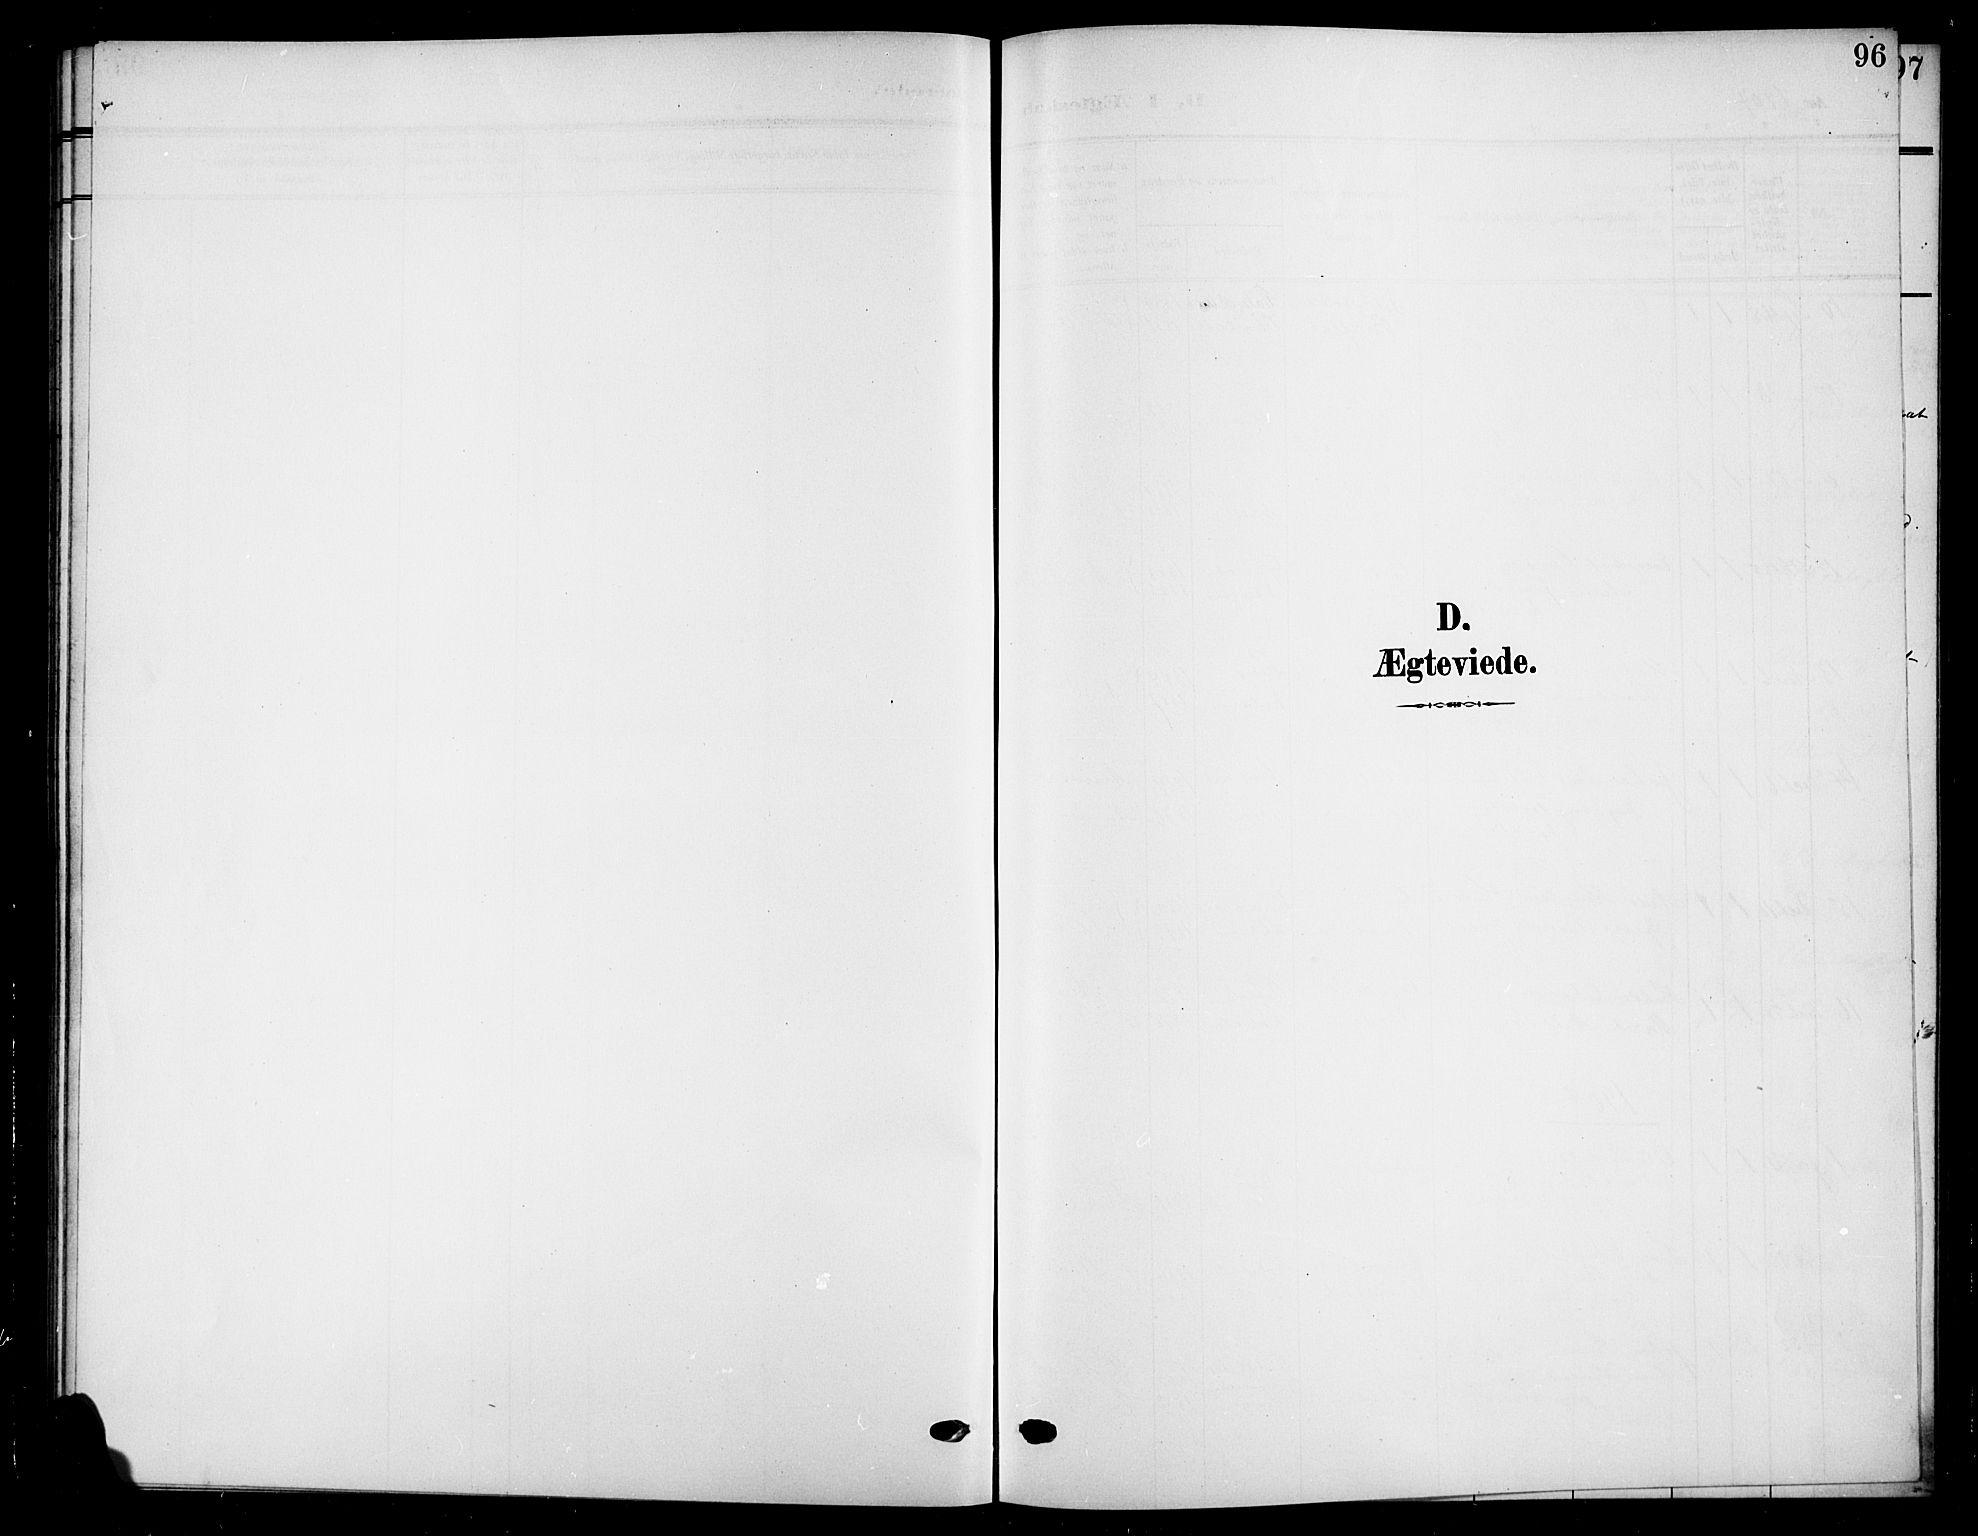 SAH, Nord-Aurdal prestekontor, Klokkerbok nr. 12, 1907-1920, s. 96